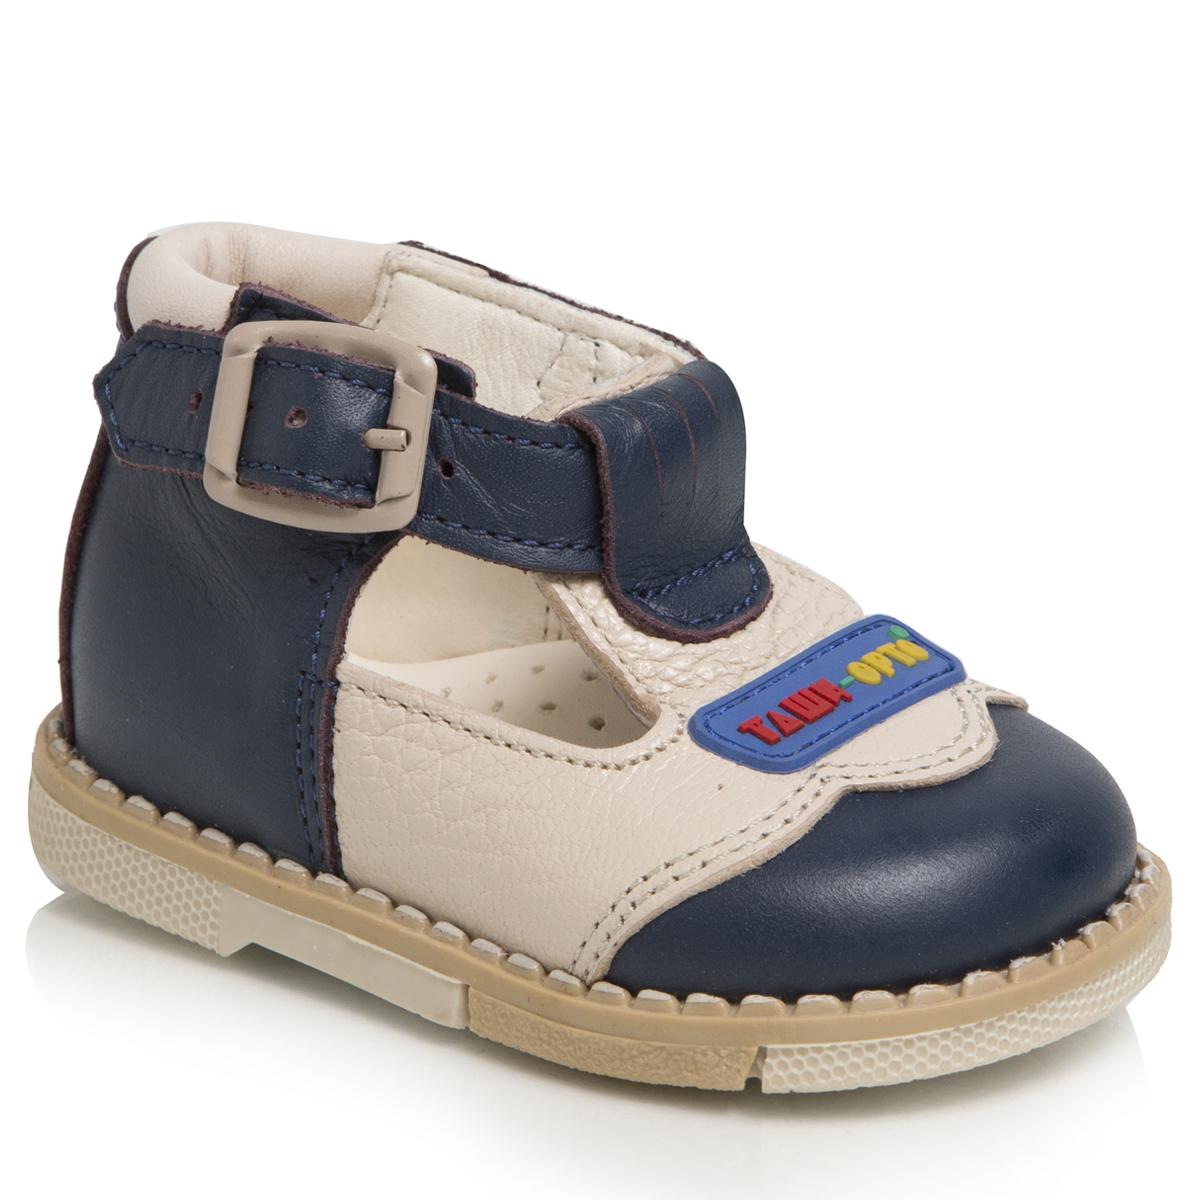 Туфли для мальчиков. 112-12112-12ТАШИ ОРТО - детская профилактическая ортопедическая обувь массового производства. Ее можно носить не только детям с признаками плоскостопия и косолапия , но и для профилактики подобных отклонений. А многим детям ортопедическая обувь НЕОБХОДИМА для коррекции стопы, исправления походки и осанки.